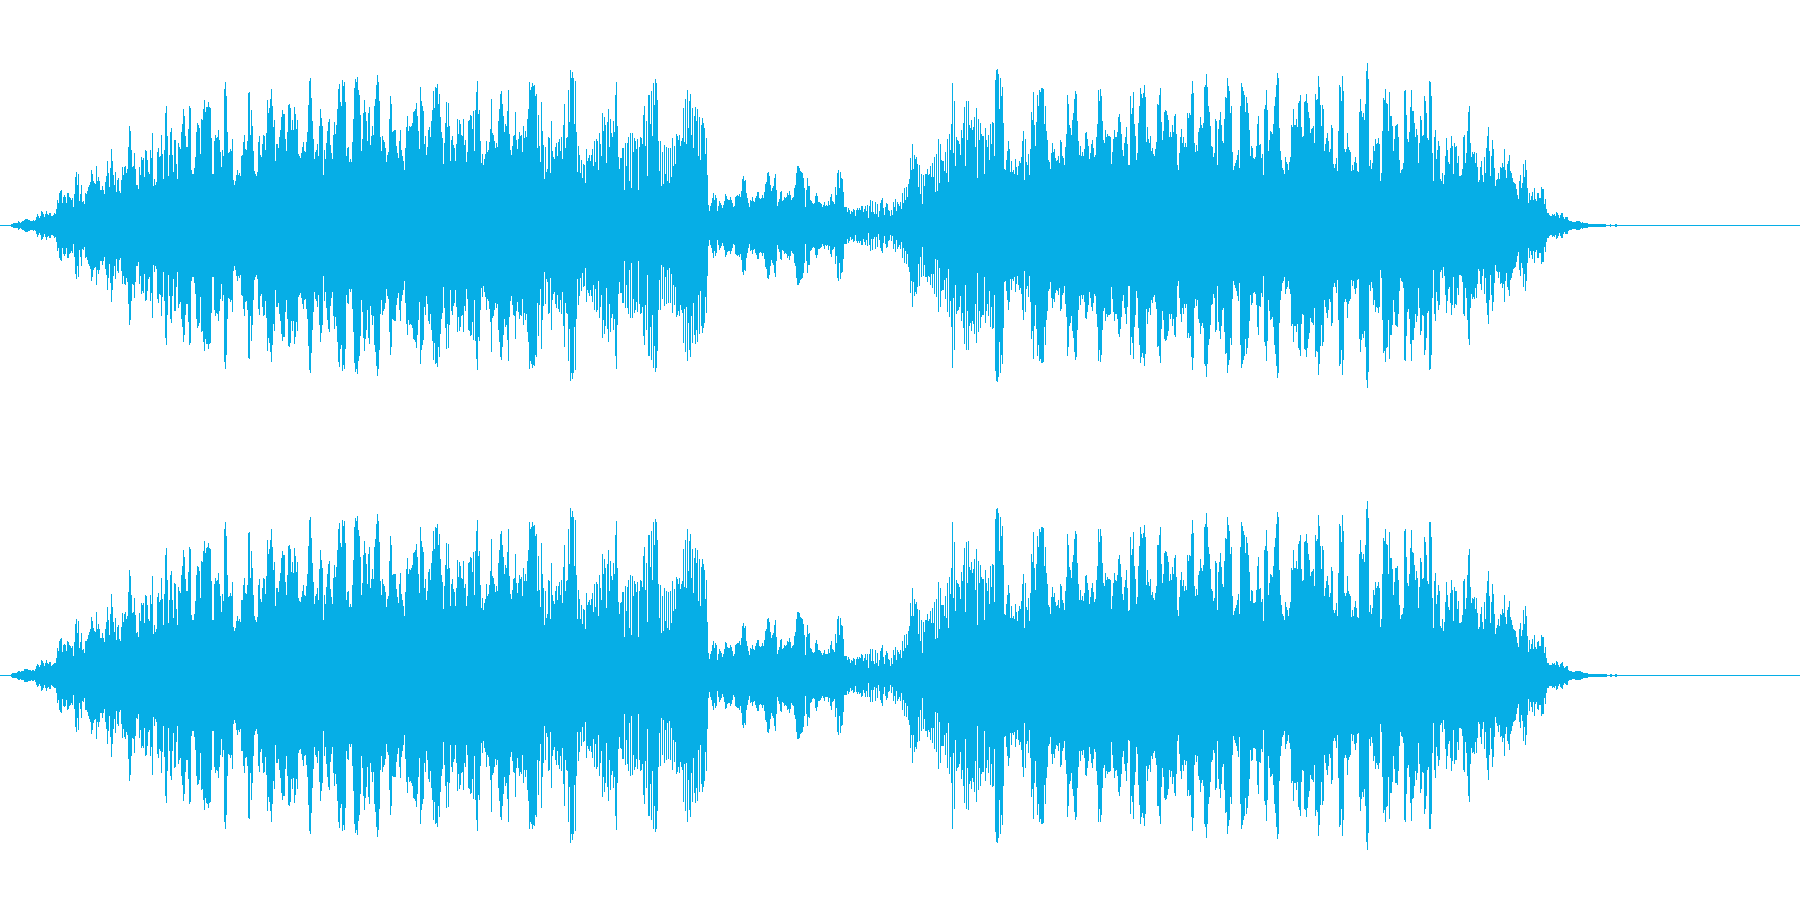 トゥルルルルートゥルンの再生済みの波形